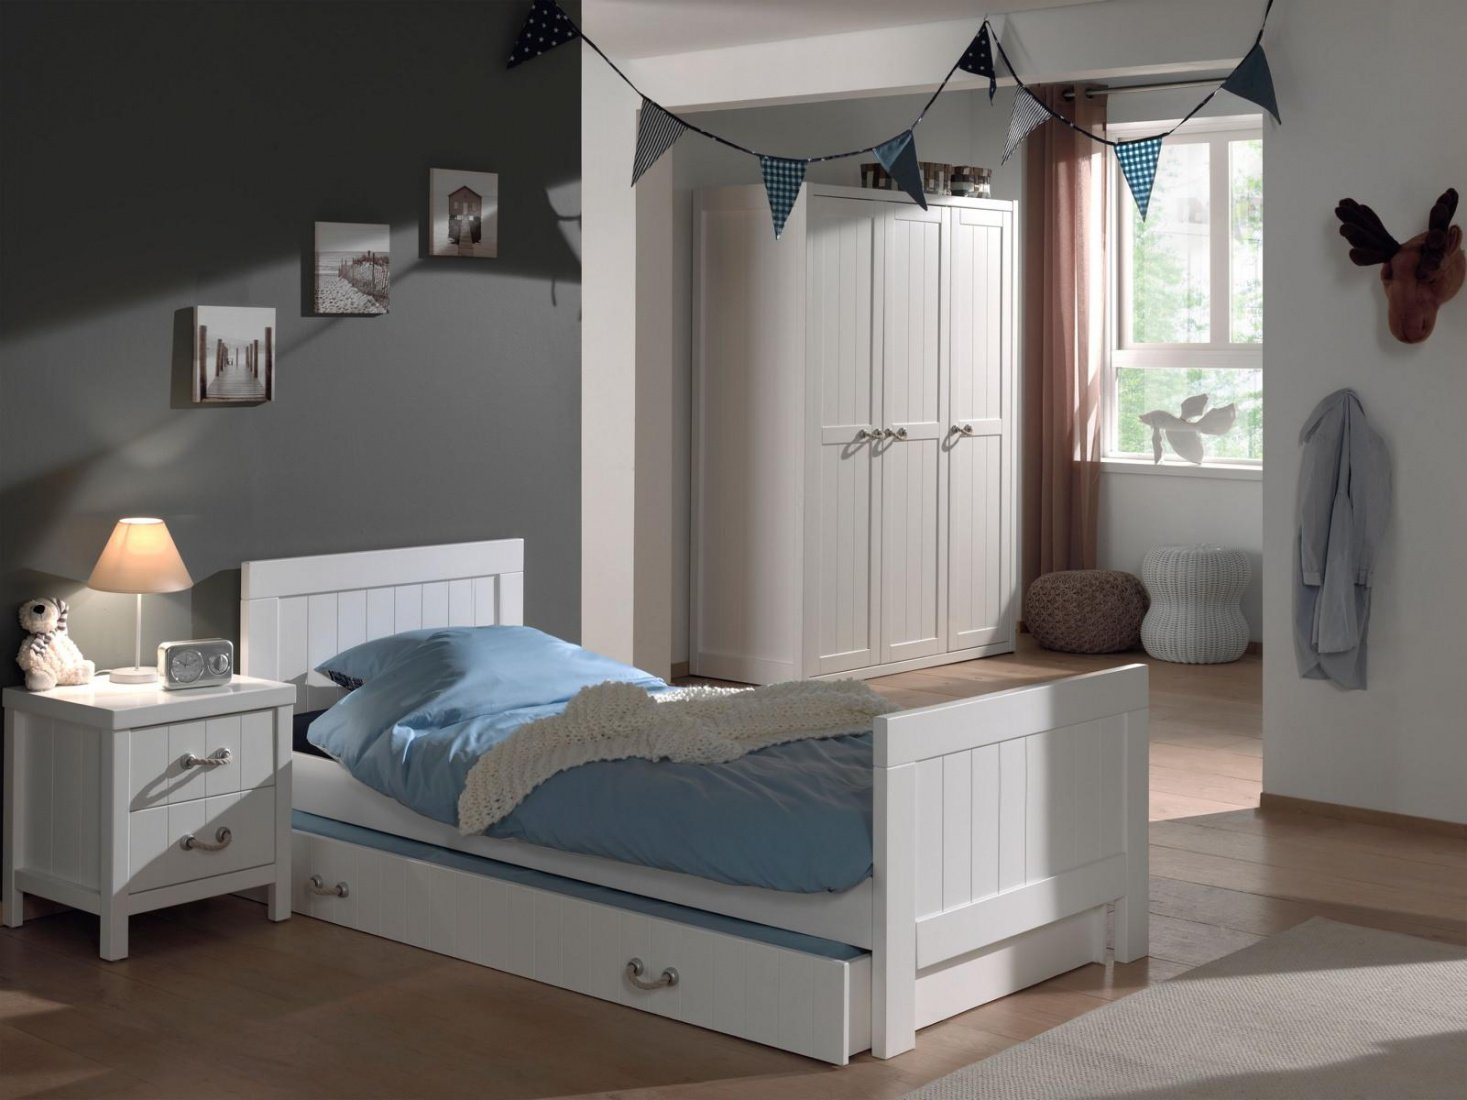 Jugendbett Set Iny 4-teilig in Weiß MDF online kaufen